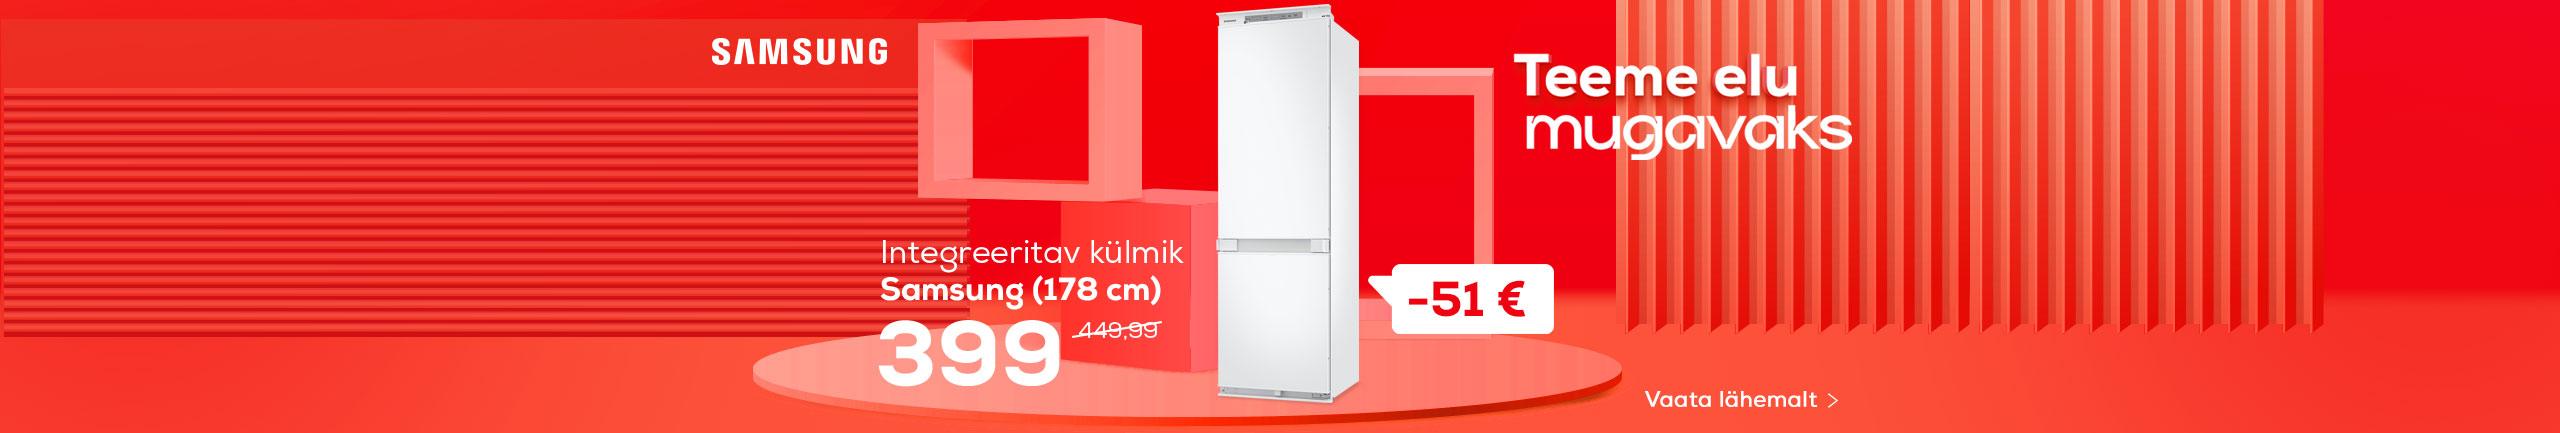 NPL Teeme elu lihtsaks, Integreeritav külmik Samsung (178 cm)